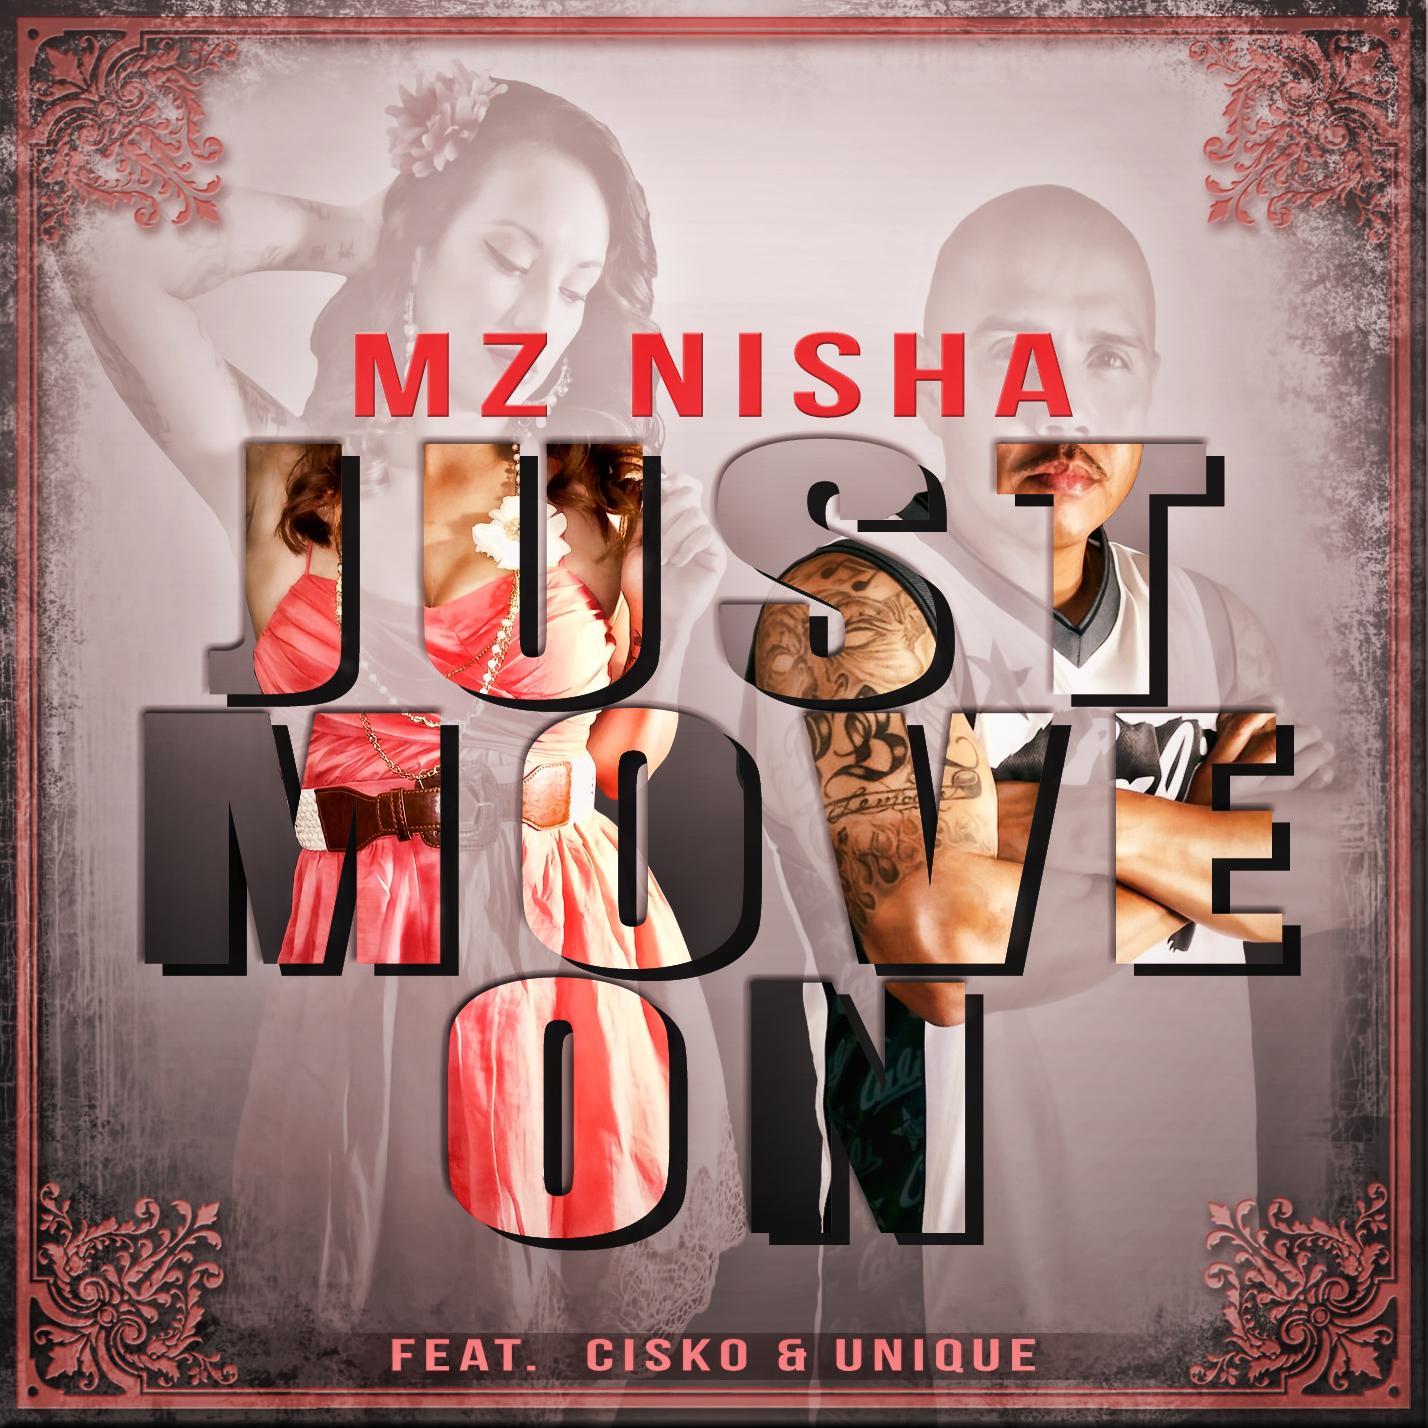 Nisha-Just Move On